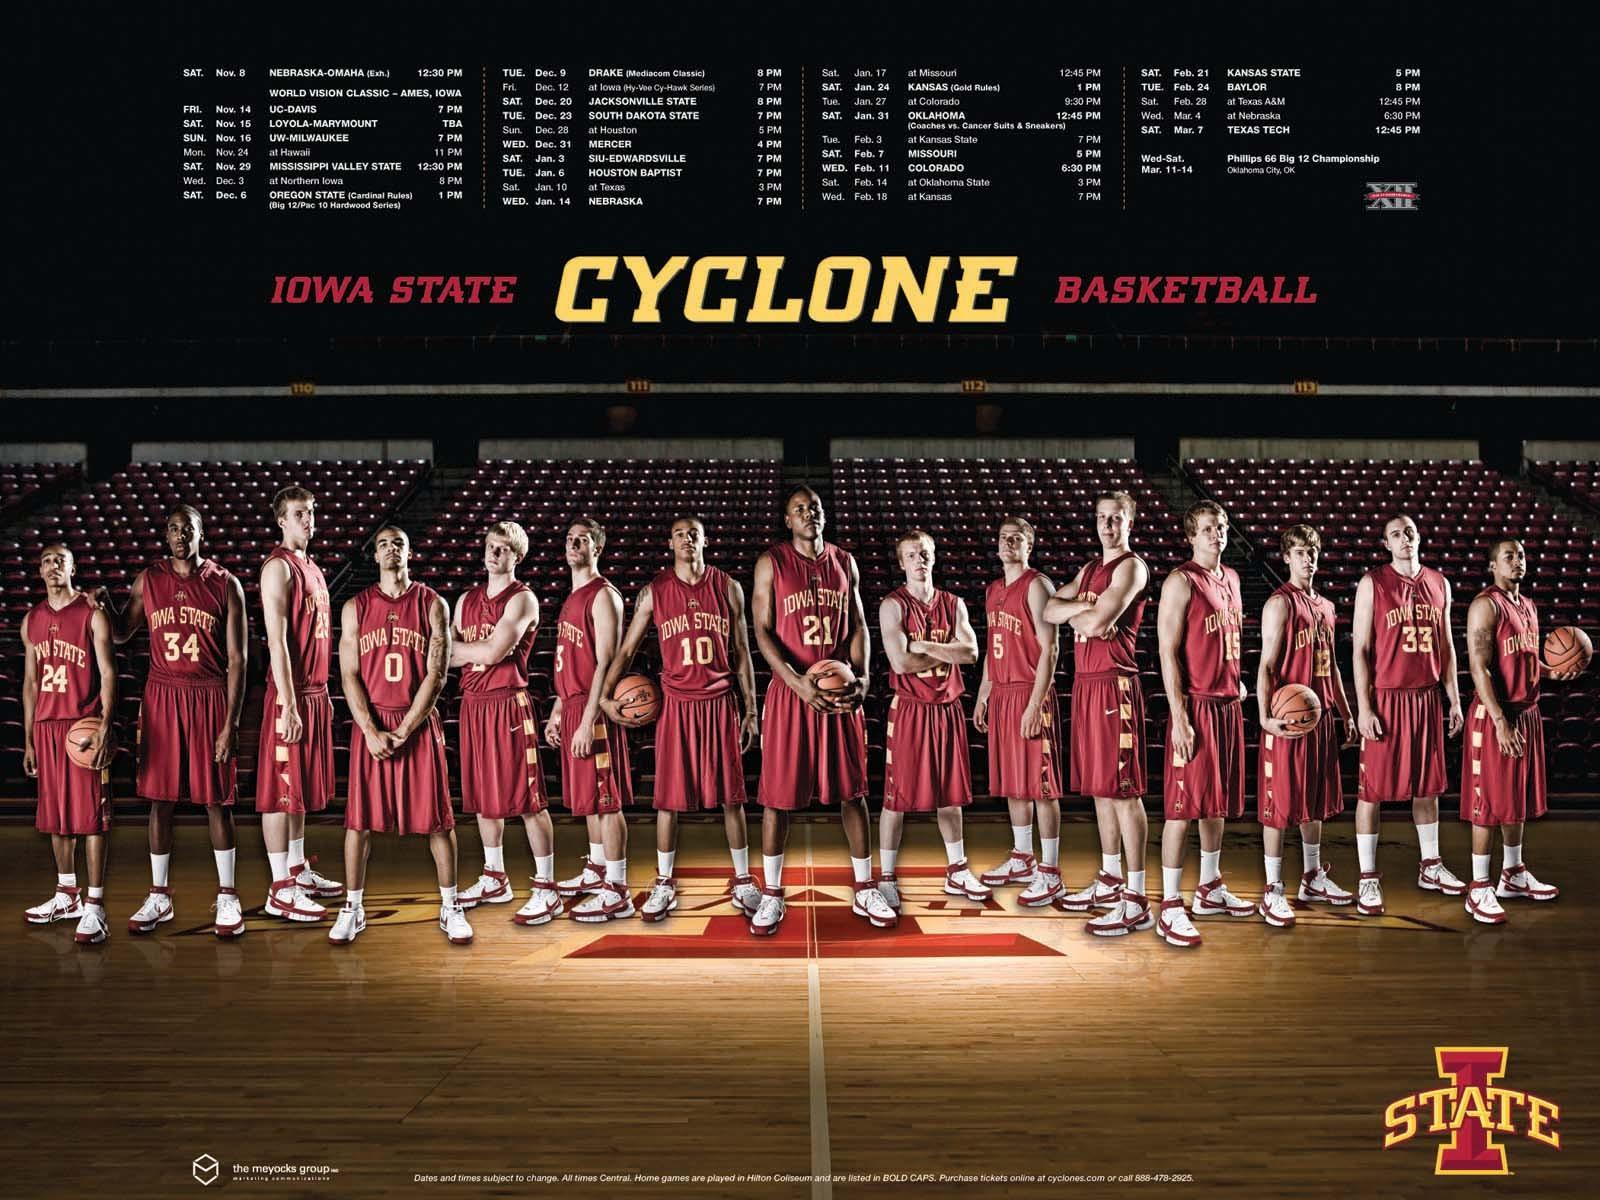 Download Iowa State Cyclones Desktop Wallpaper [1600x1200] 50 1600x1200